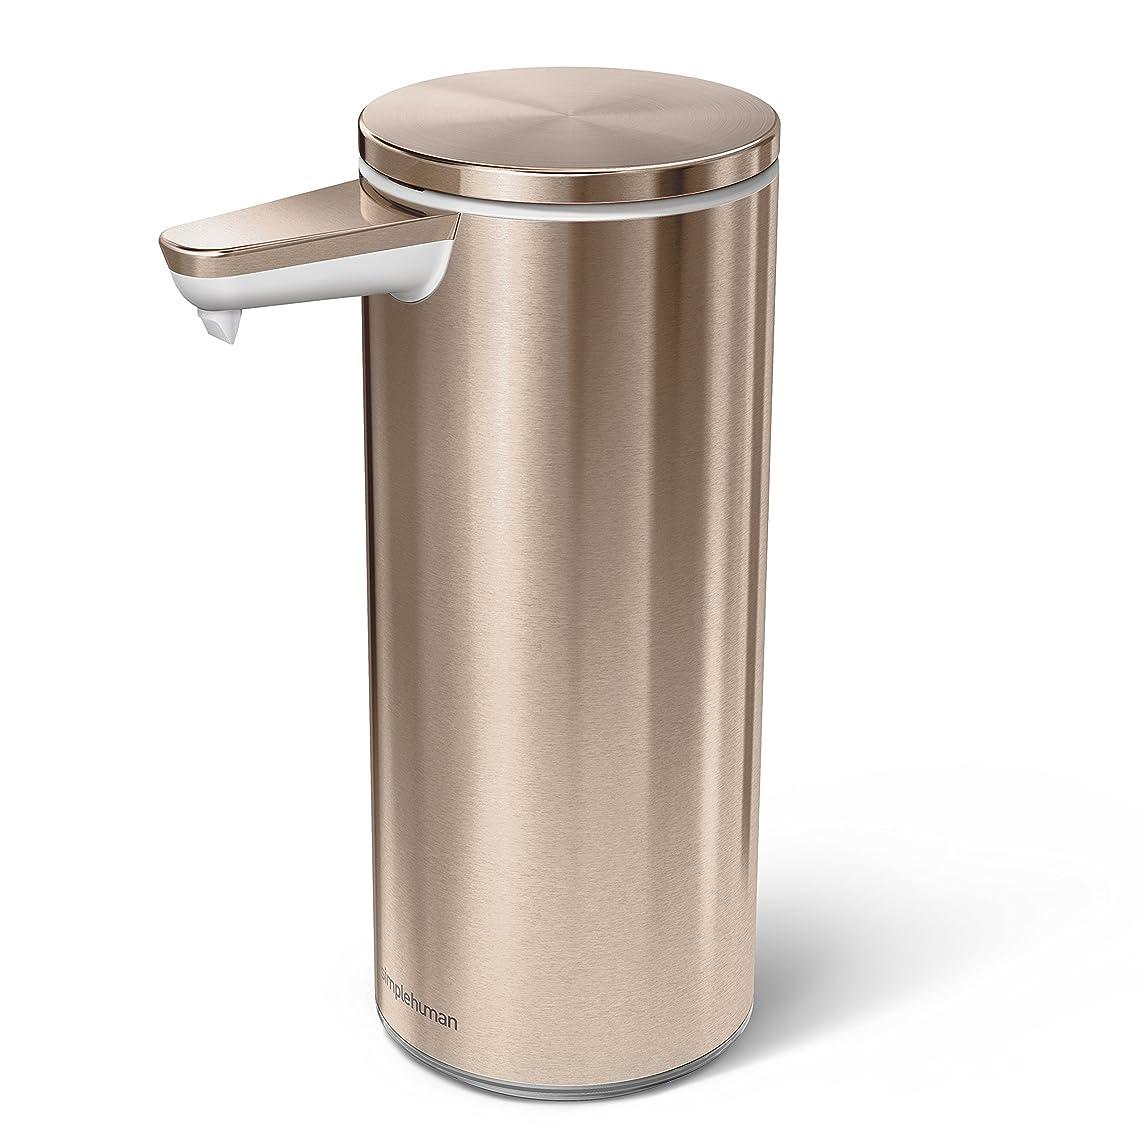 汚れる電極蒸発simplehuman センサーポンプソープディスペンサー266ml ローズゴールドステンレス ST1046